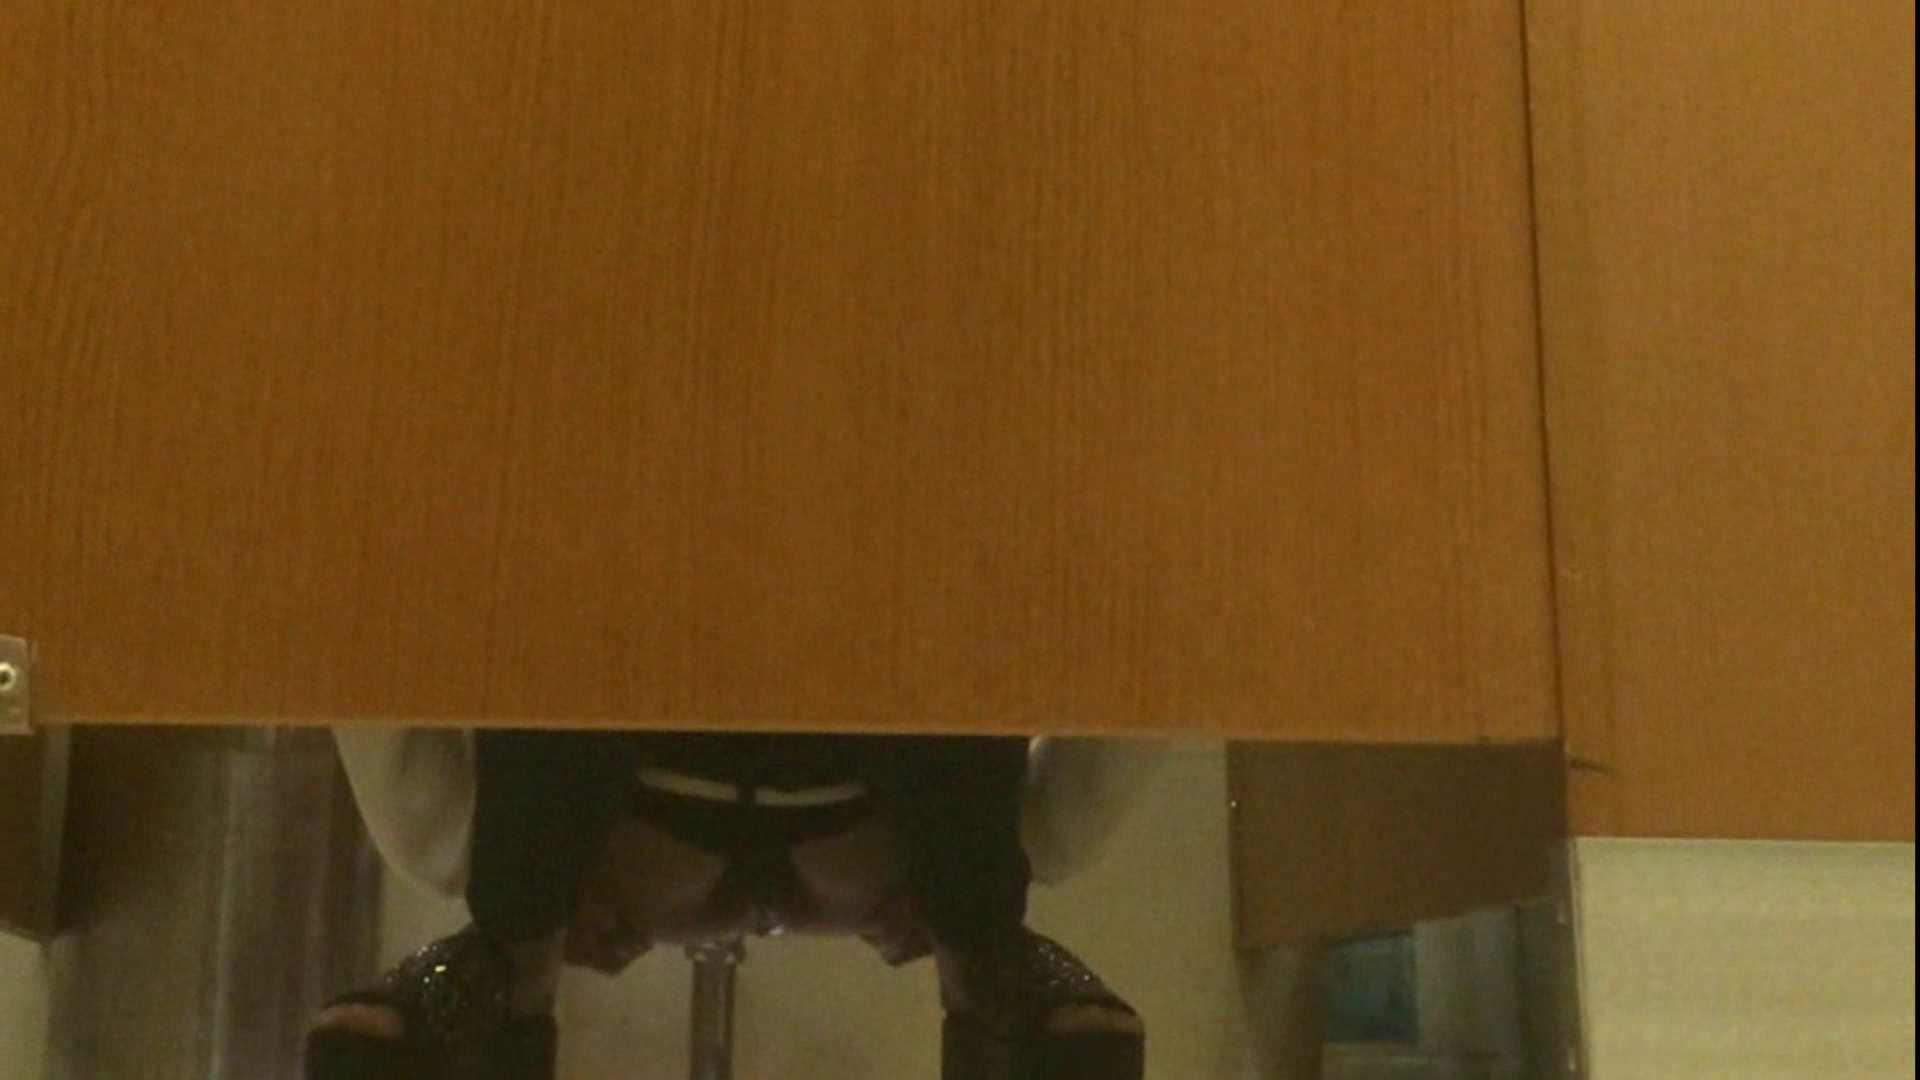 隣国化粧室下から御免!! No.14 洗面所  62pic 6